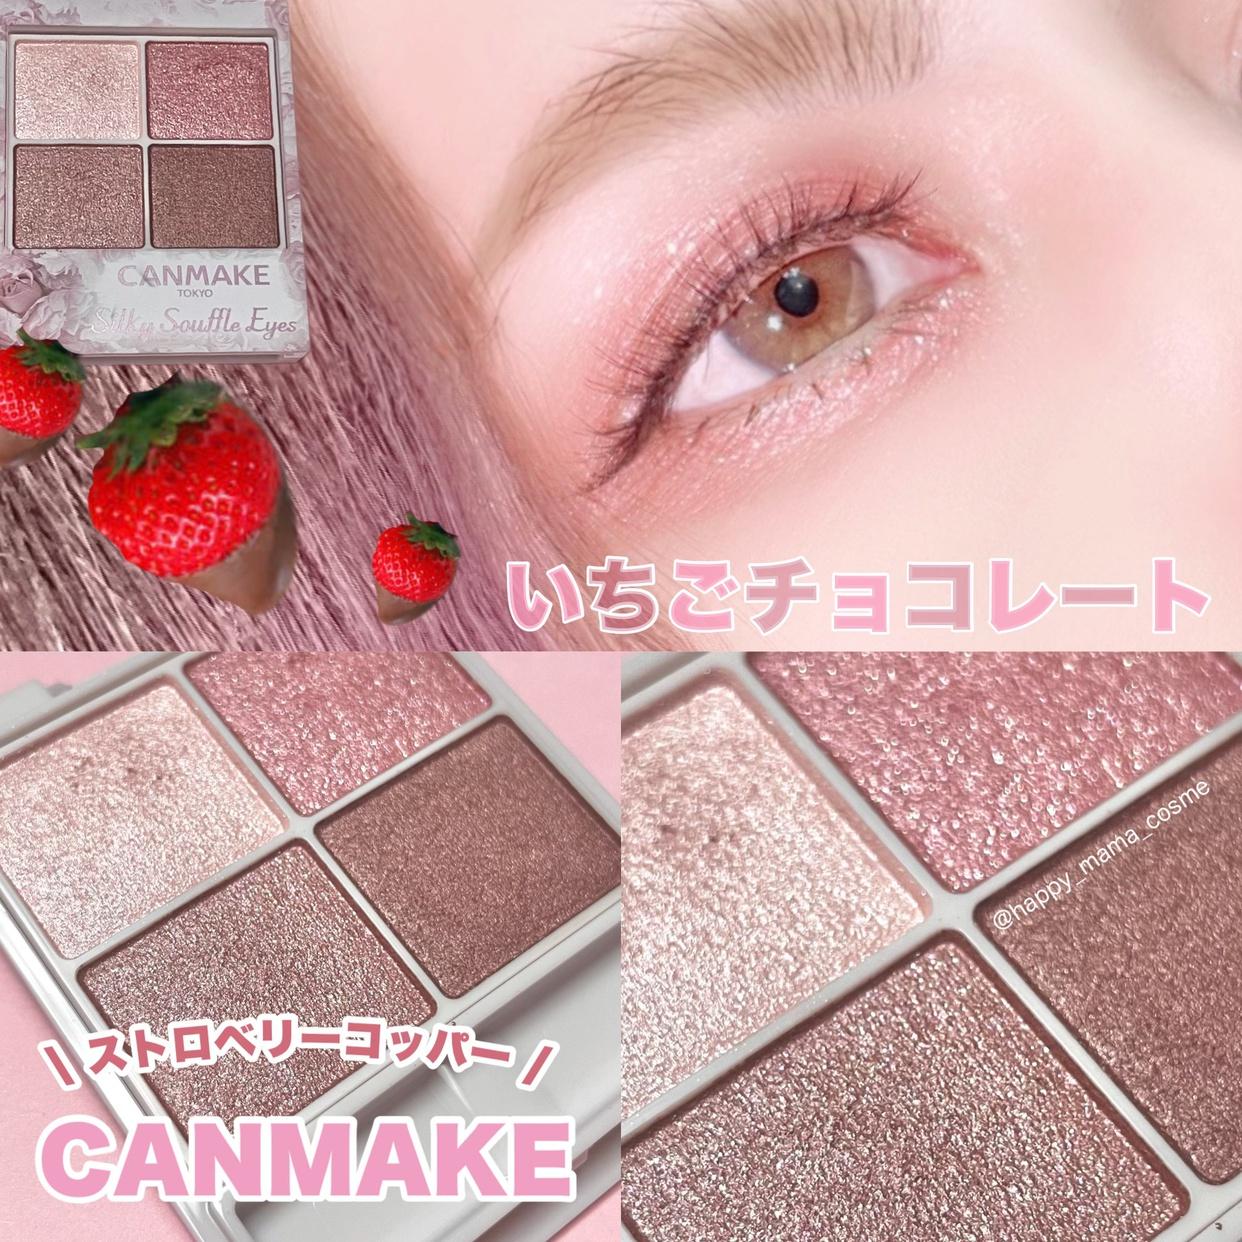 CANMAKE(キャンメイク) シルキースフレアイズを使ったSachiさんのクチコミ画像1